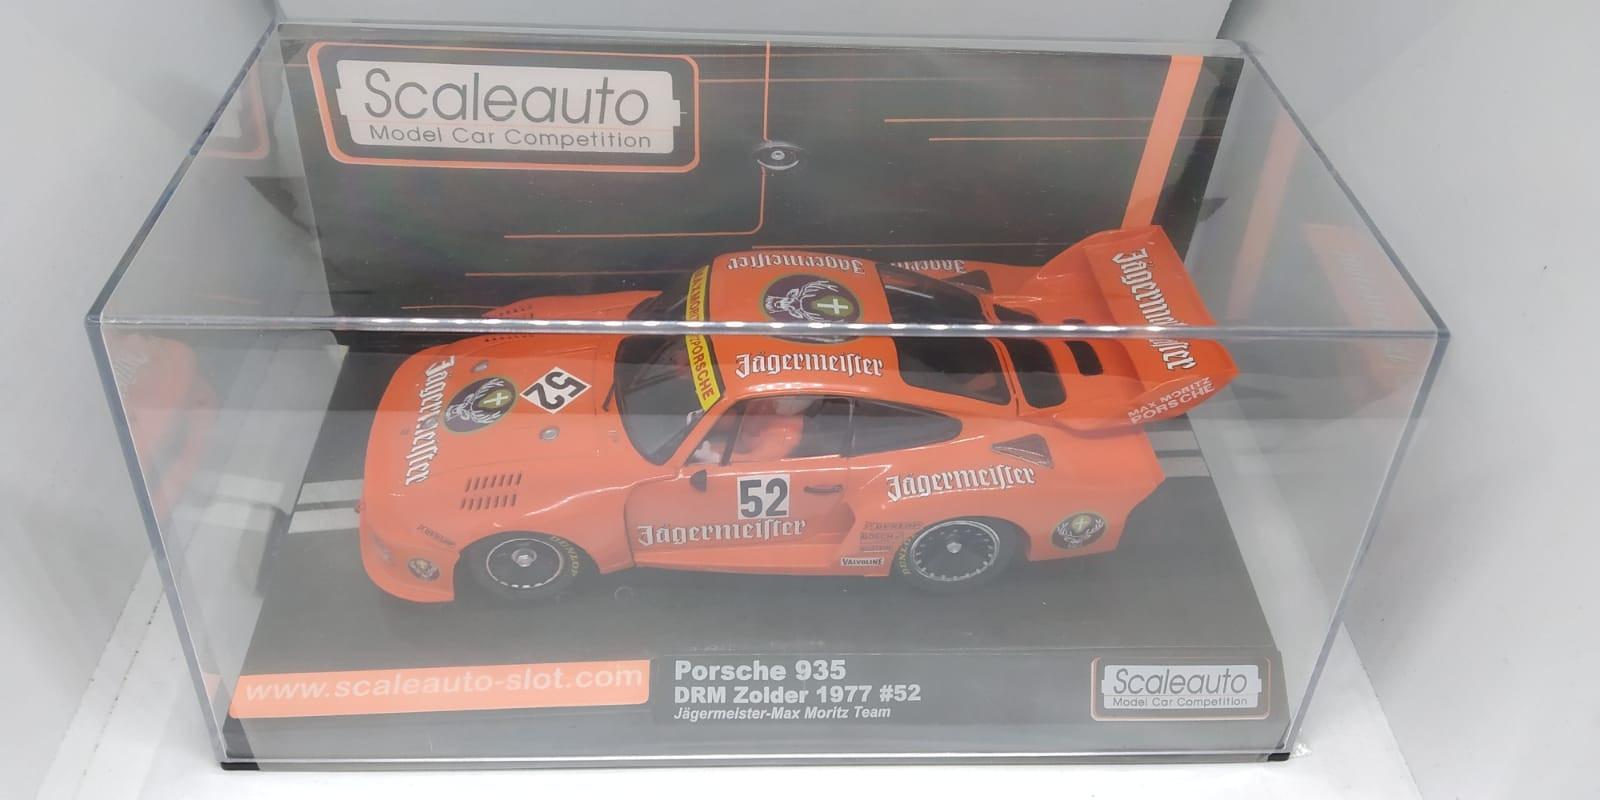 PORSCHE 935 JAGERMEIFTER ,SCALEAUTO